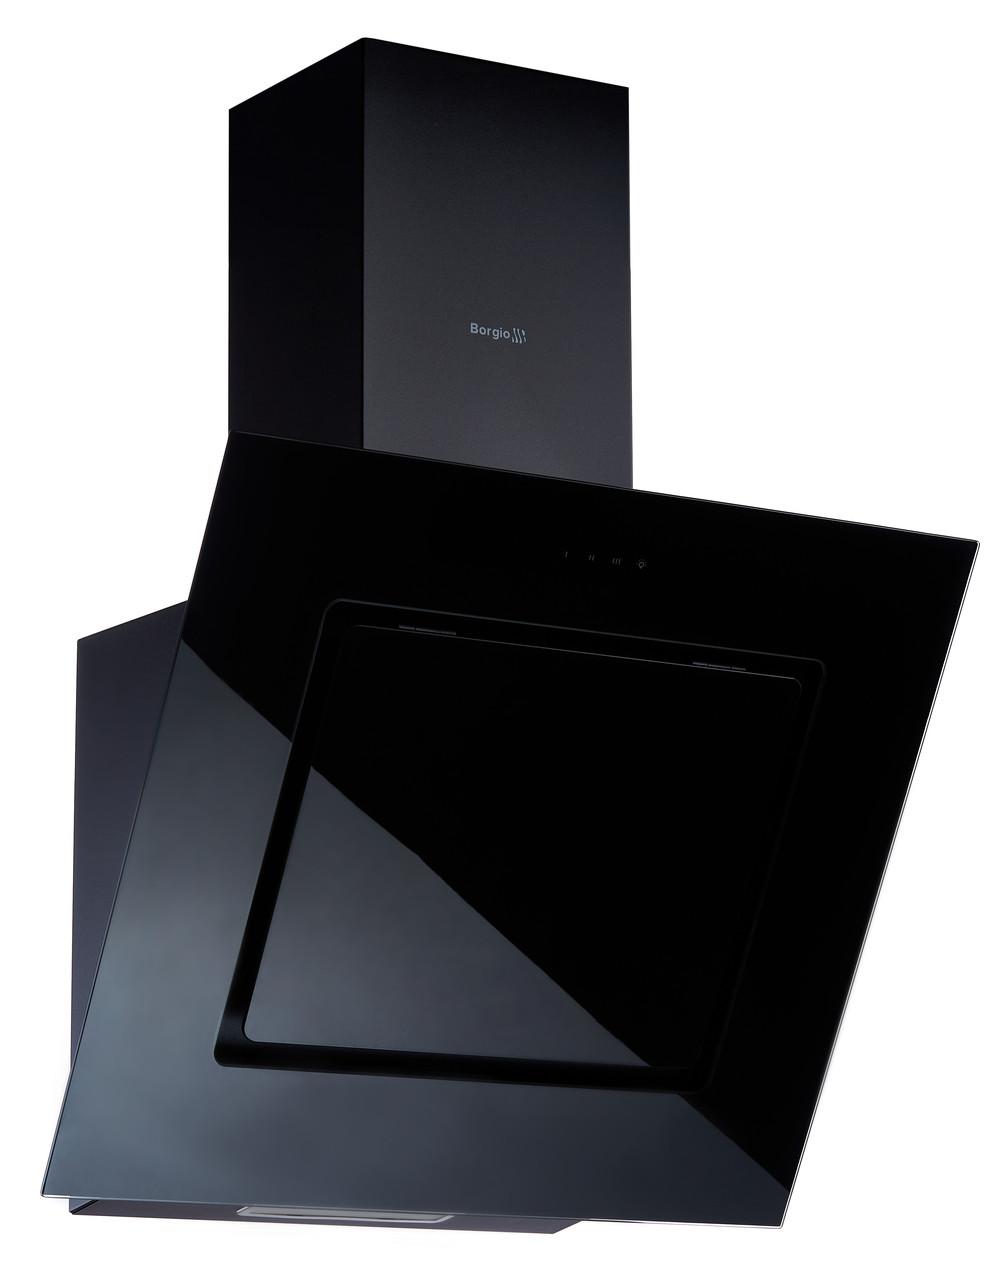 Кухонна витяжка BORGIO RNT-F 60 black MU (850 м/куб)